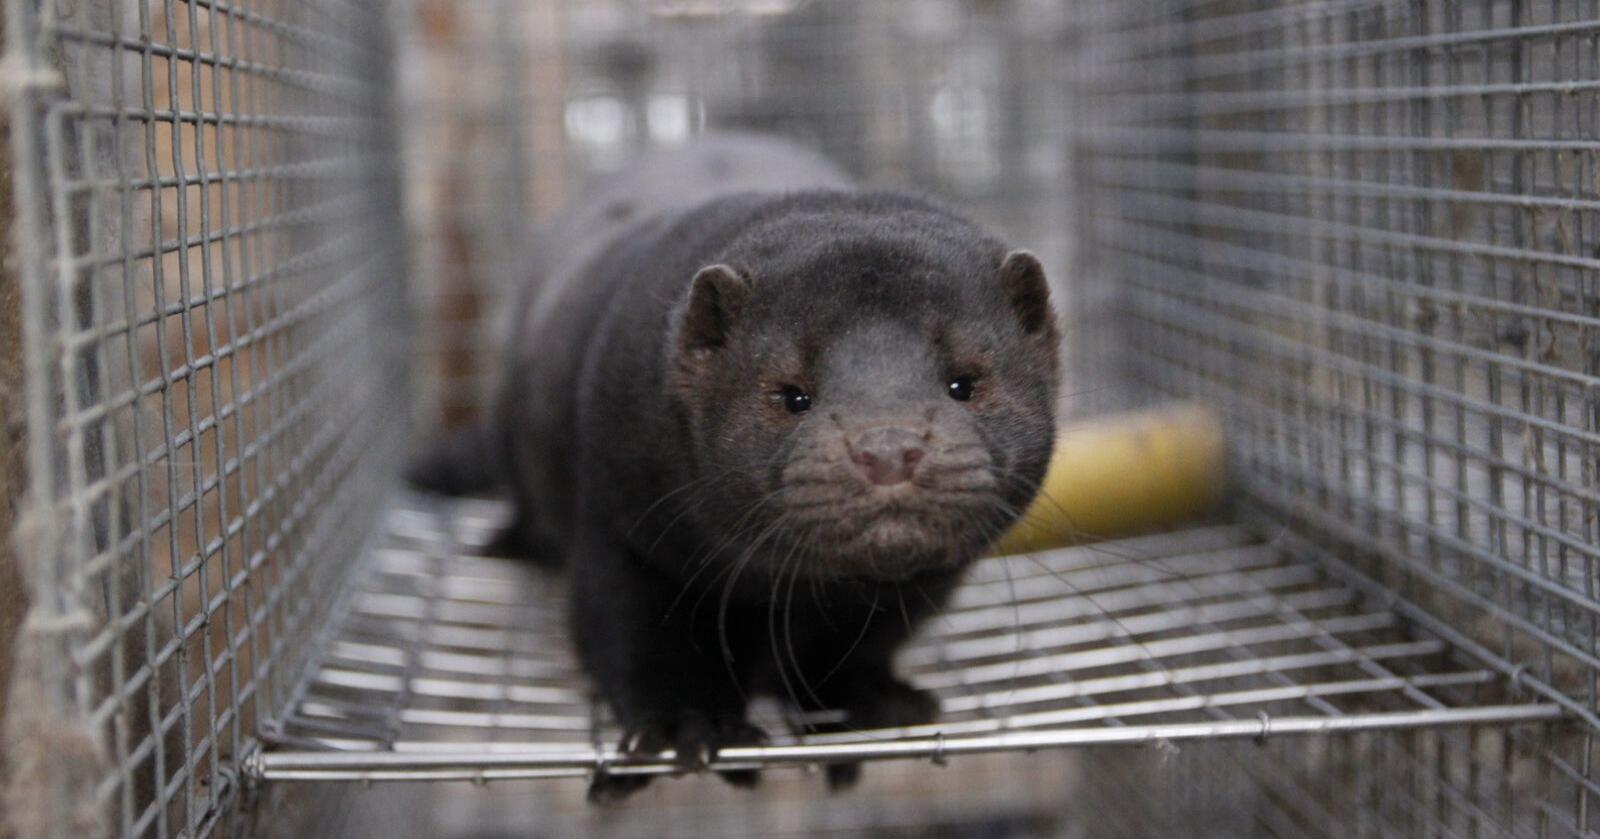 Ikke hjemmel: Politiet fikk vite 5. november at det ikke fantes hjemmel til å avlive alle mink i Danmark. (Illustrasjonsfoto: Øystein Heggdal)